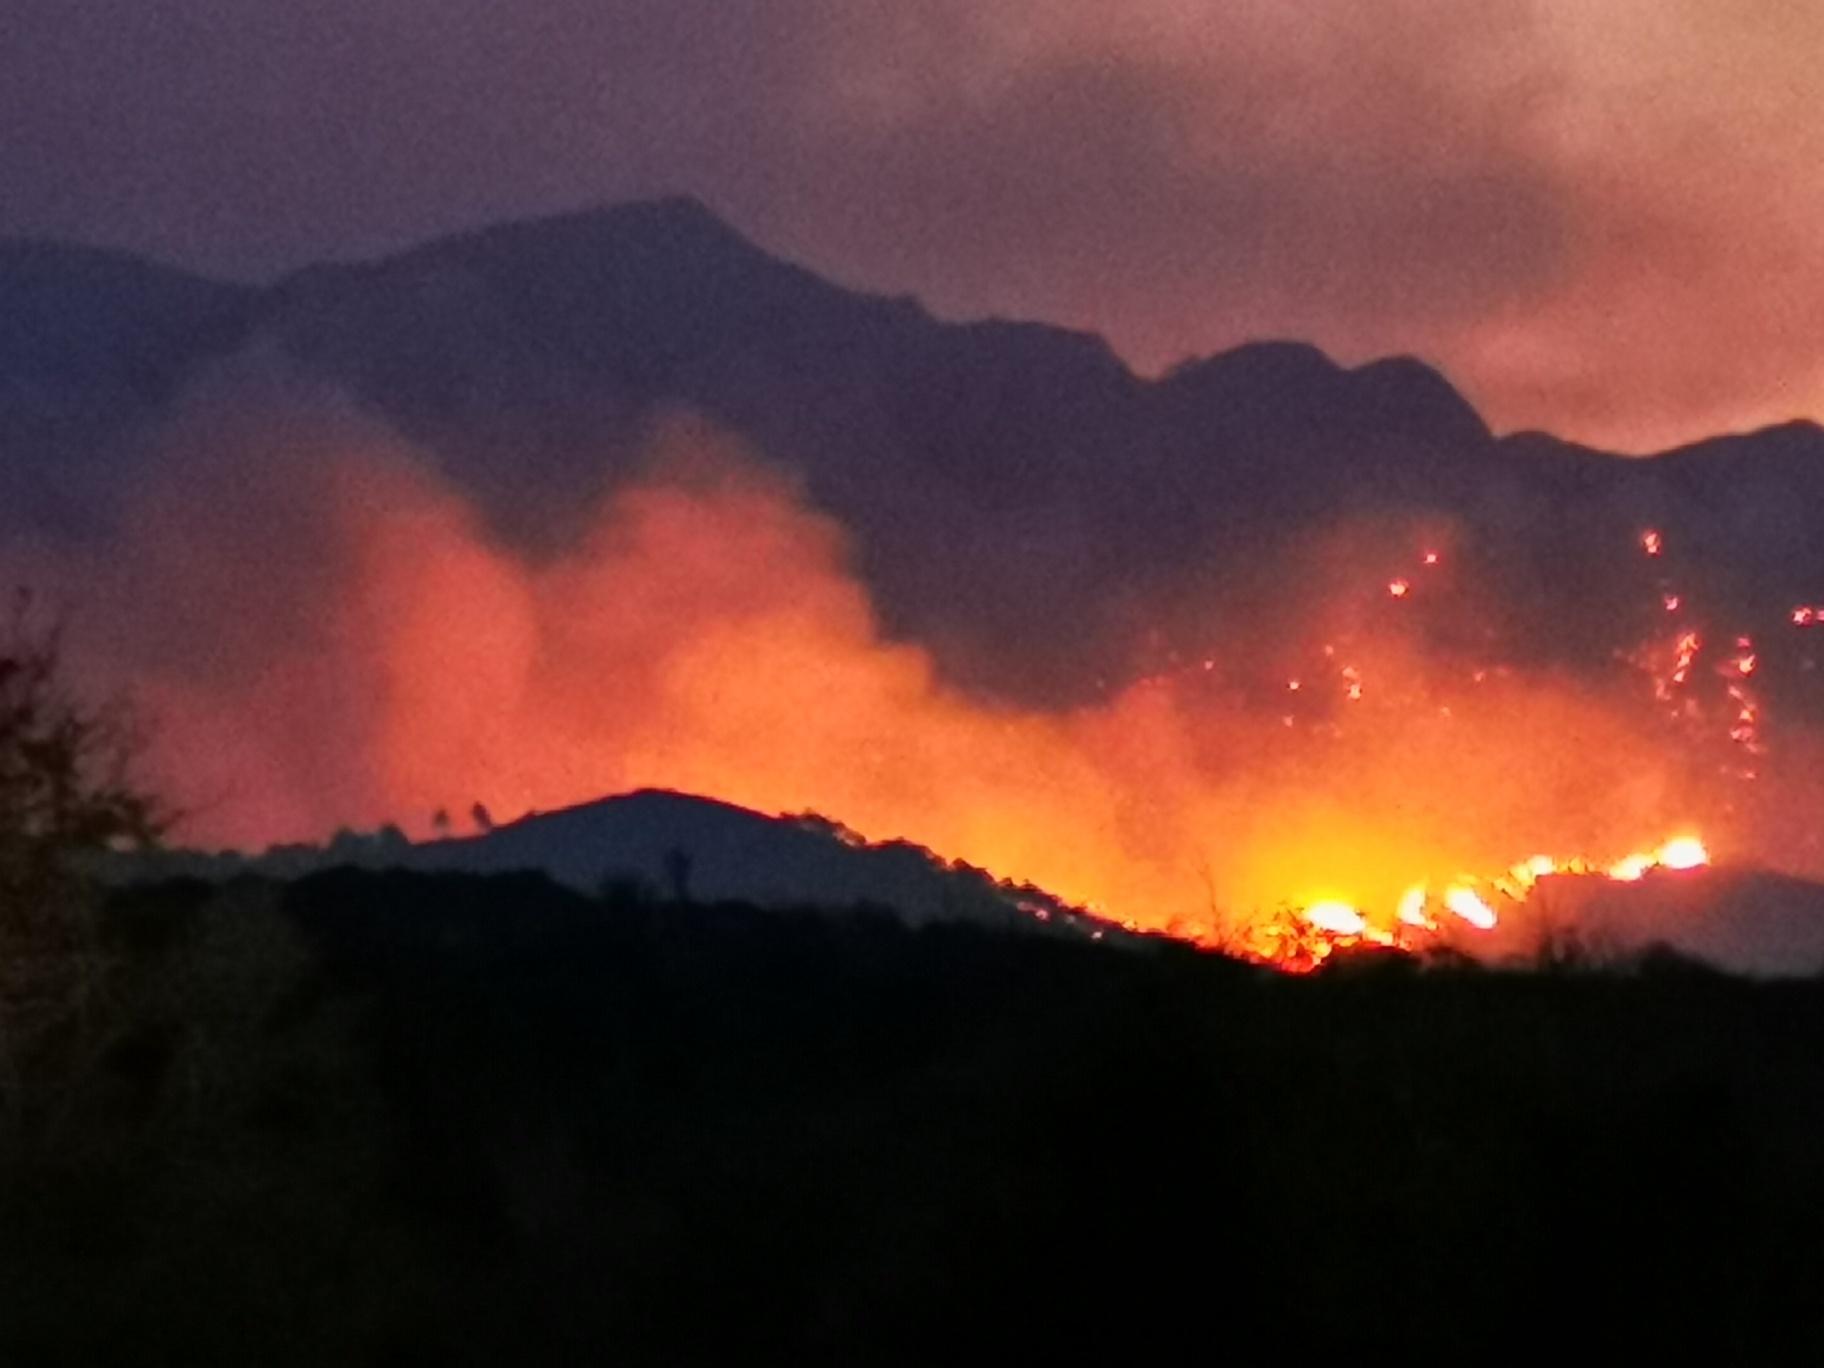 Φωτιά στη Σάμο: Δύσκολη νύχτα στο Κοκκάρι – Έχουν εκκενωθεί ξενοδοχεία και σπίτια